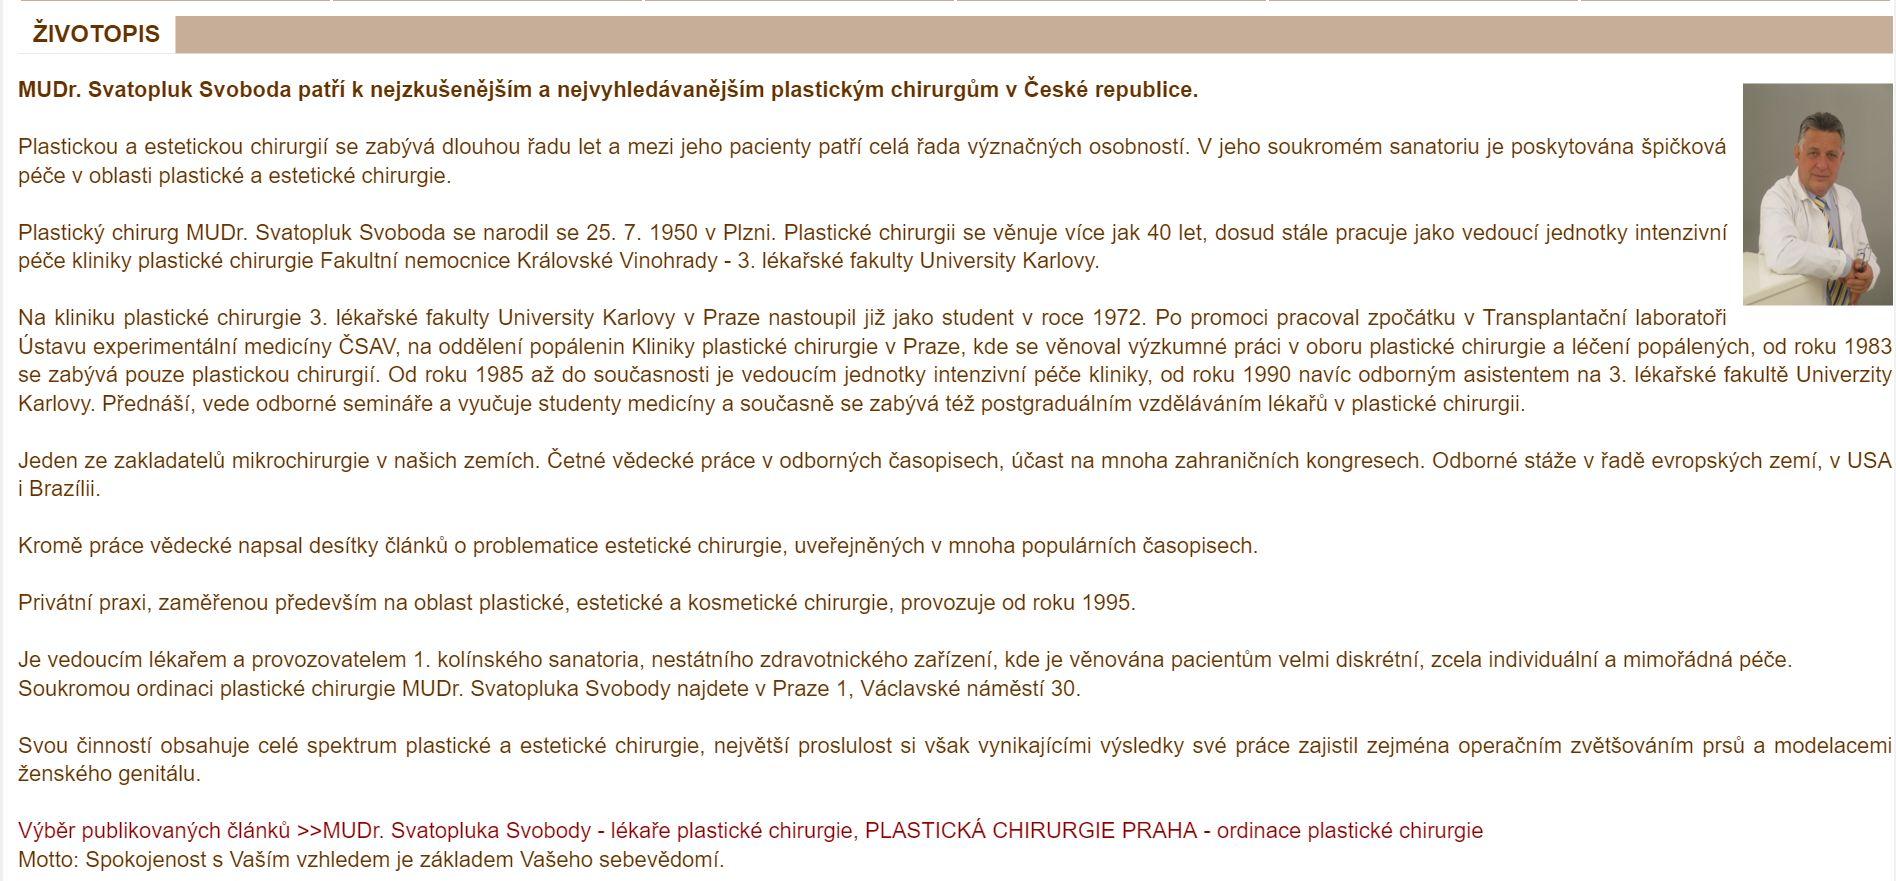 Životopis plastického chirurga MUDr. Svatopluka Svobody. Plastická chirurgie Praha - ordinace plastického chirurga.